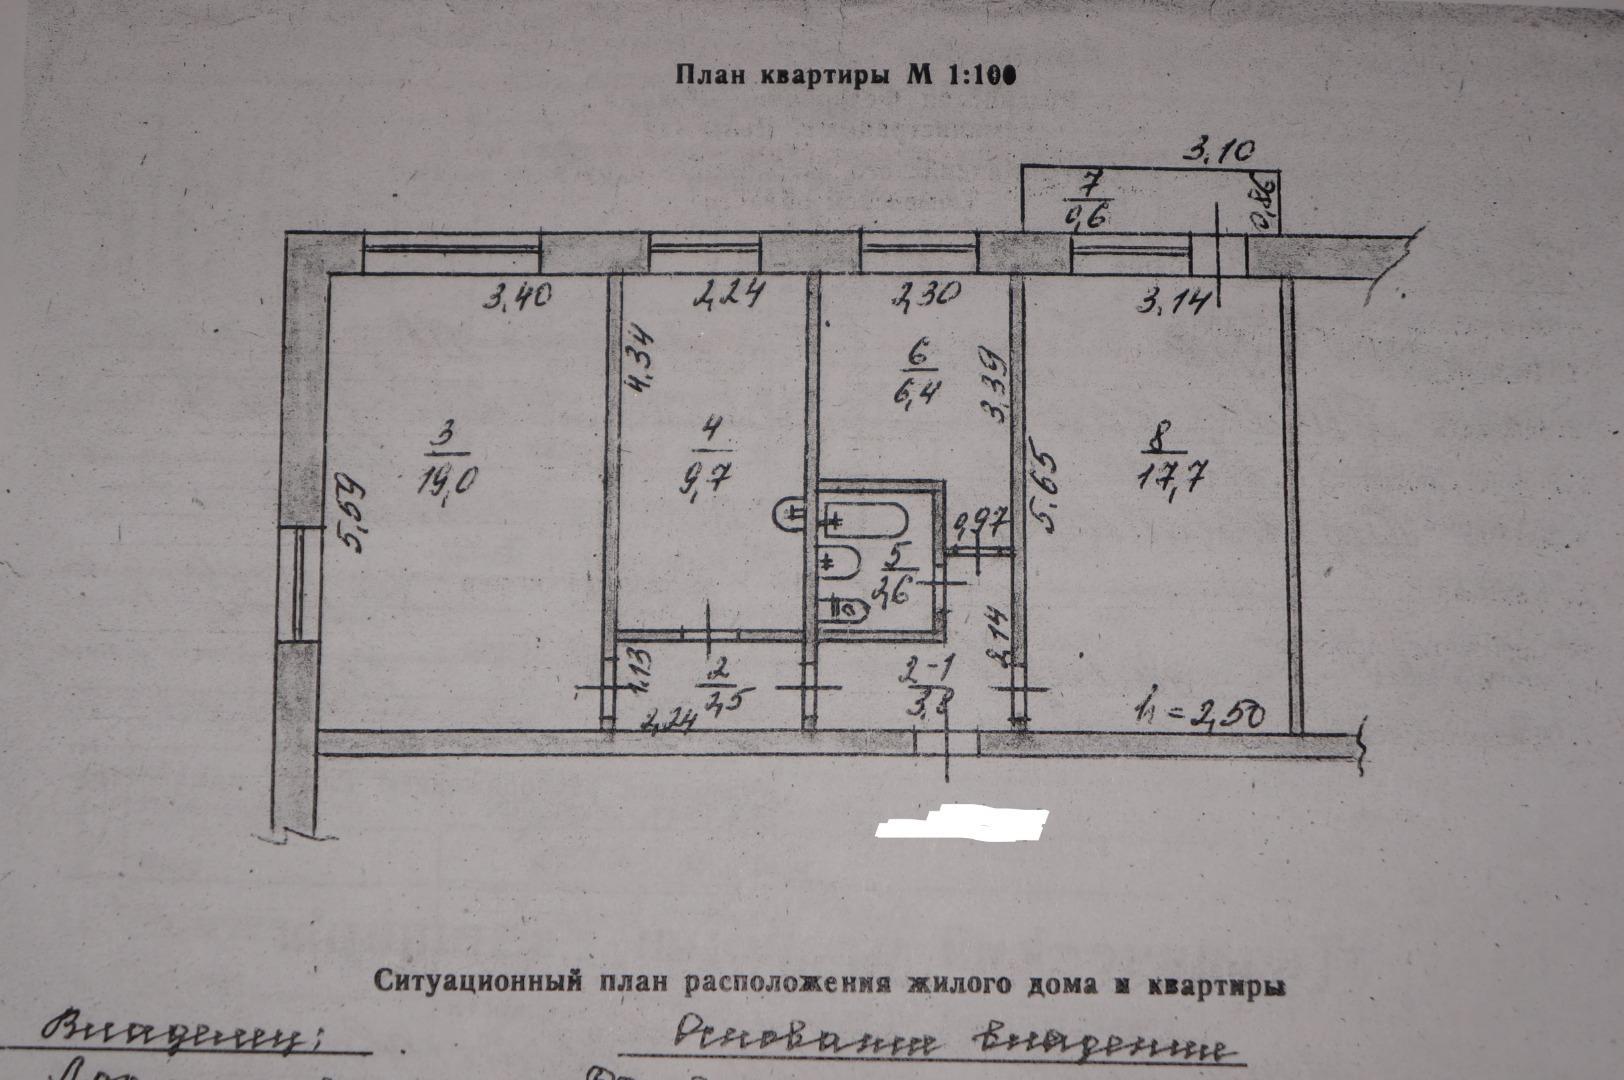 http://mielsever.3an.ru/files/1_13_15%20(1).jpg